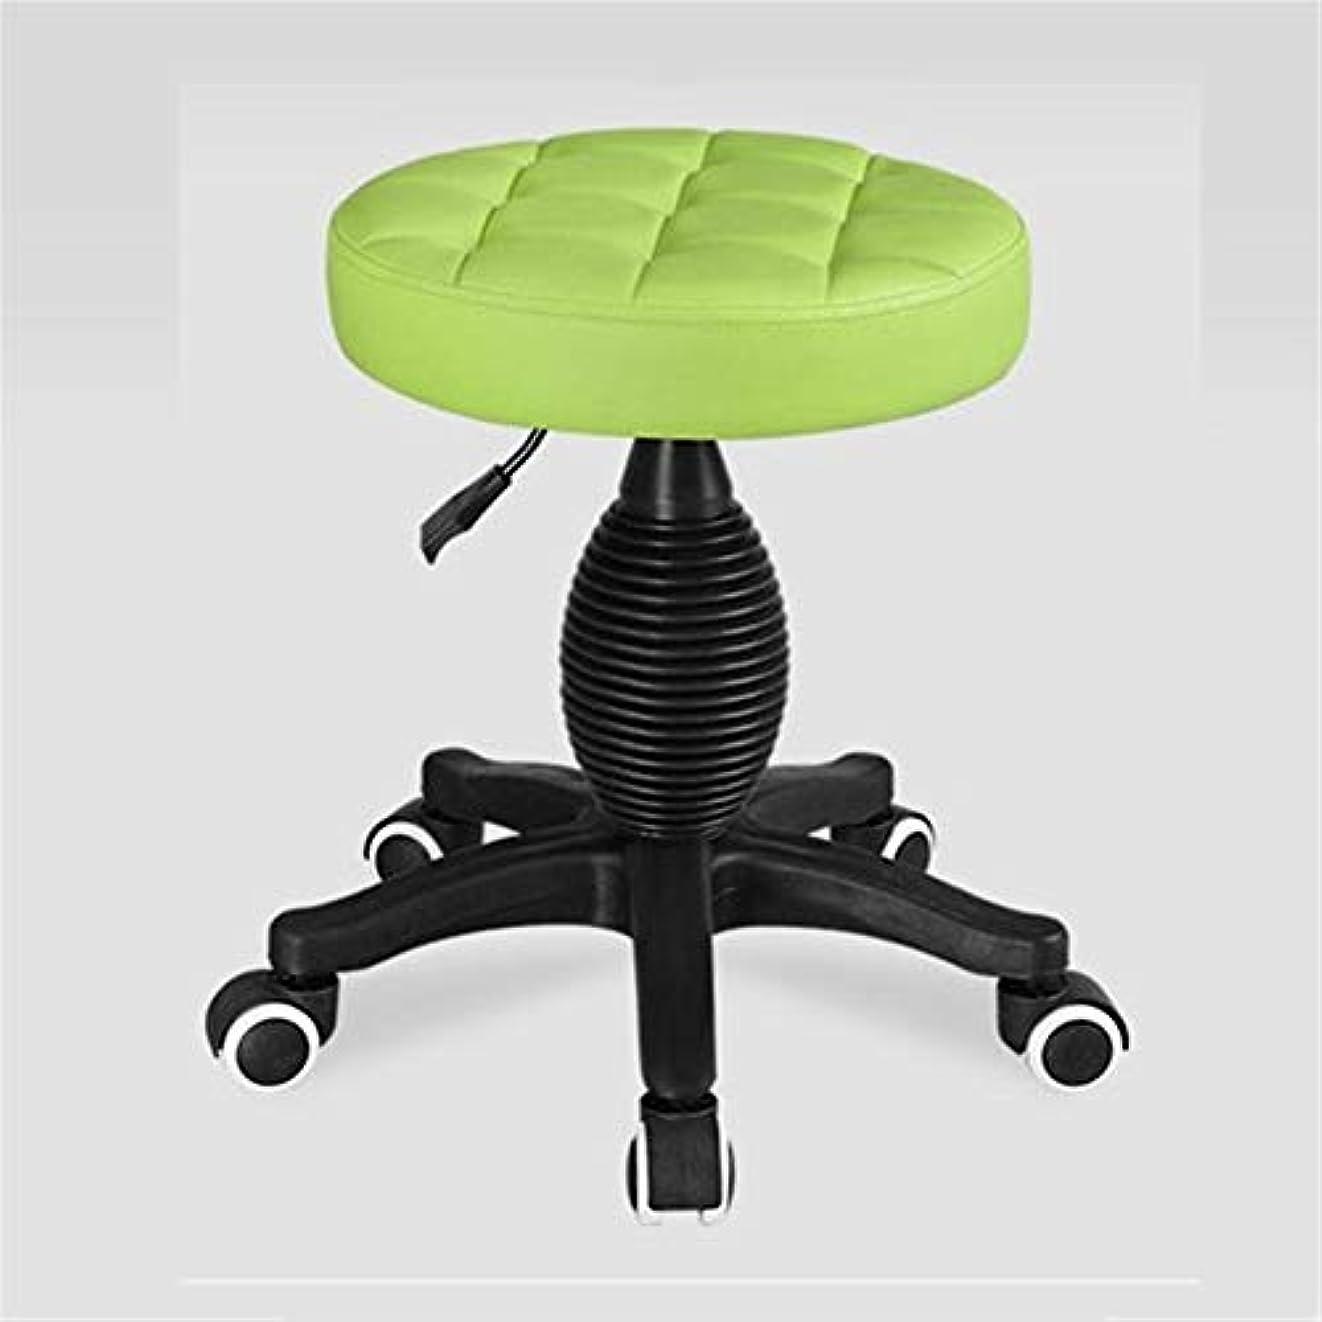 送信するお互いスポーツ大広間の椅子円形PUの革油圧上昇の調節の回転理髪店の椅子の鉱泉の大広間の設定の椅子5つの車輪の事務作業の椅子,Green,B